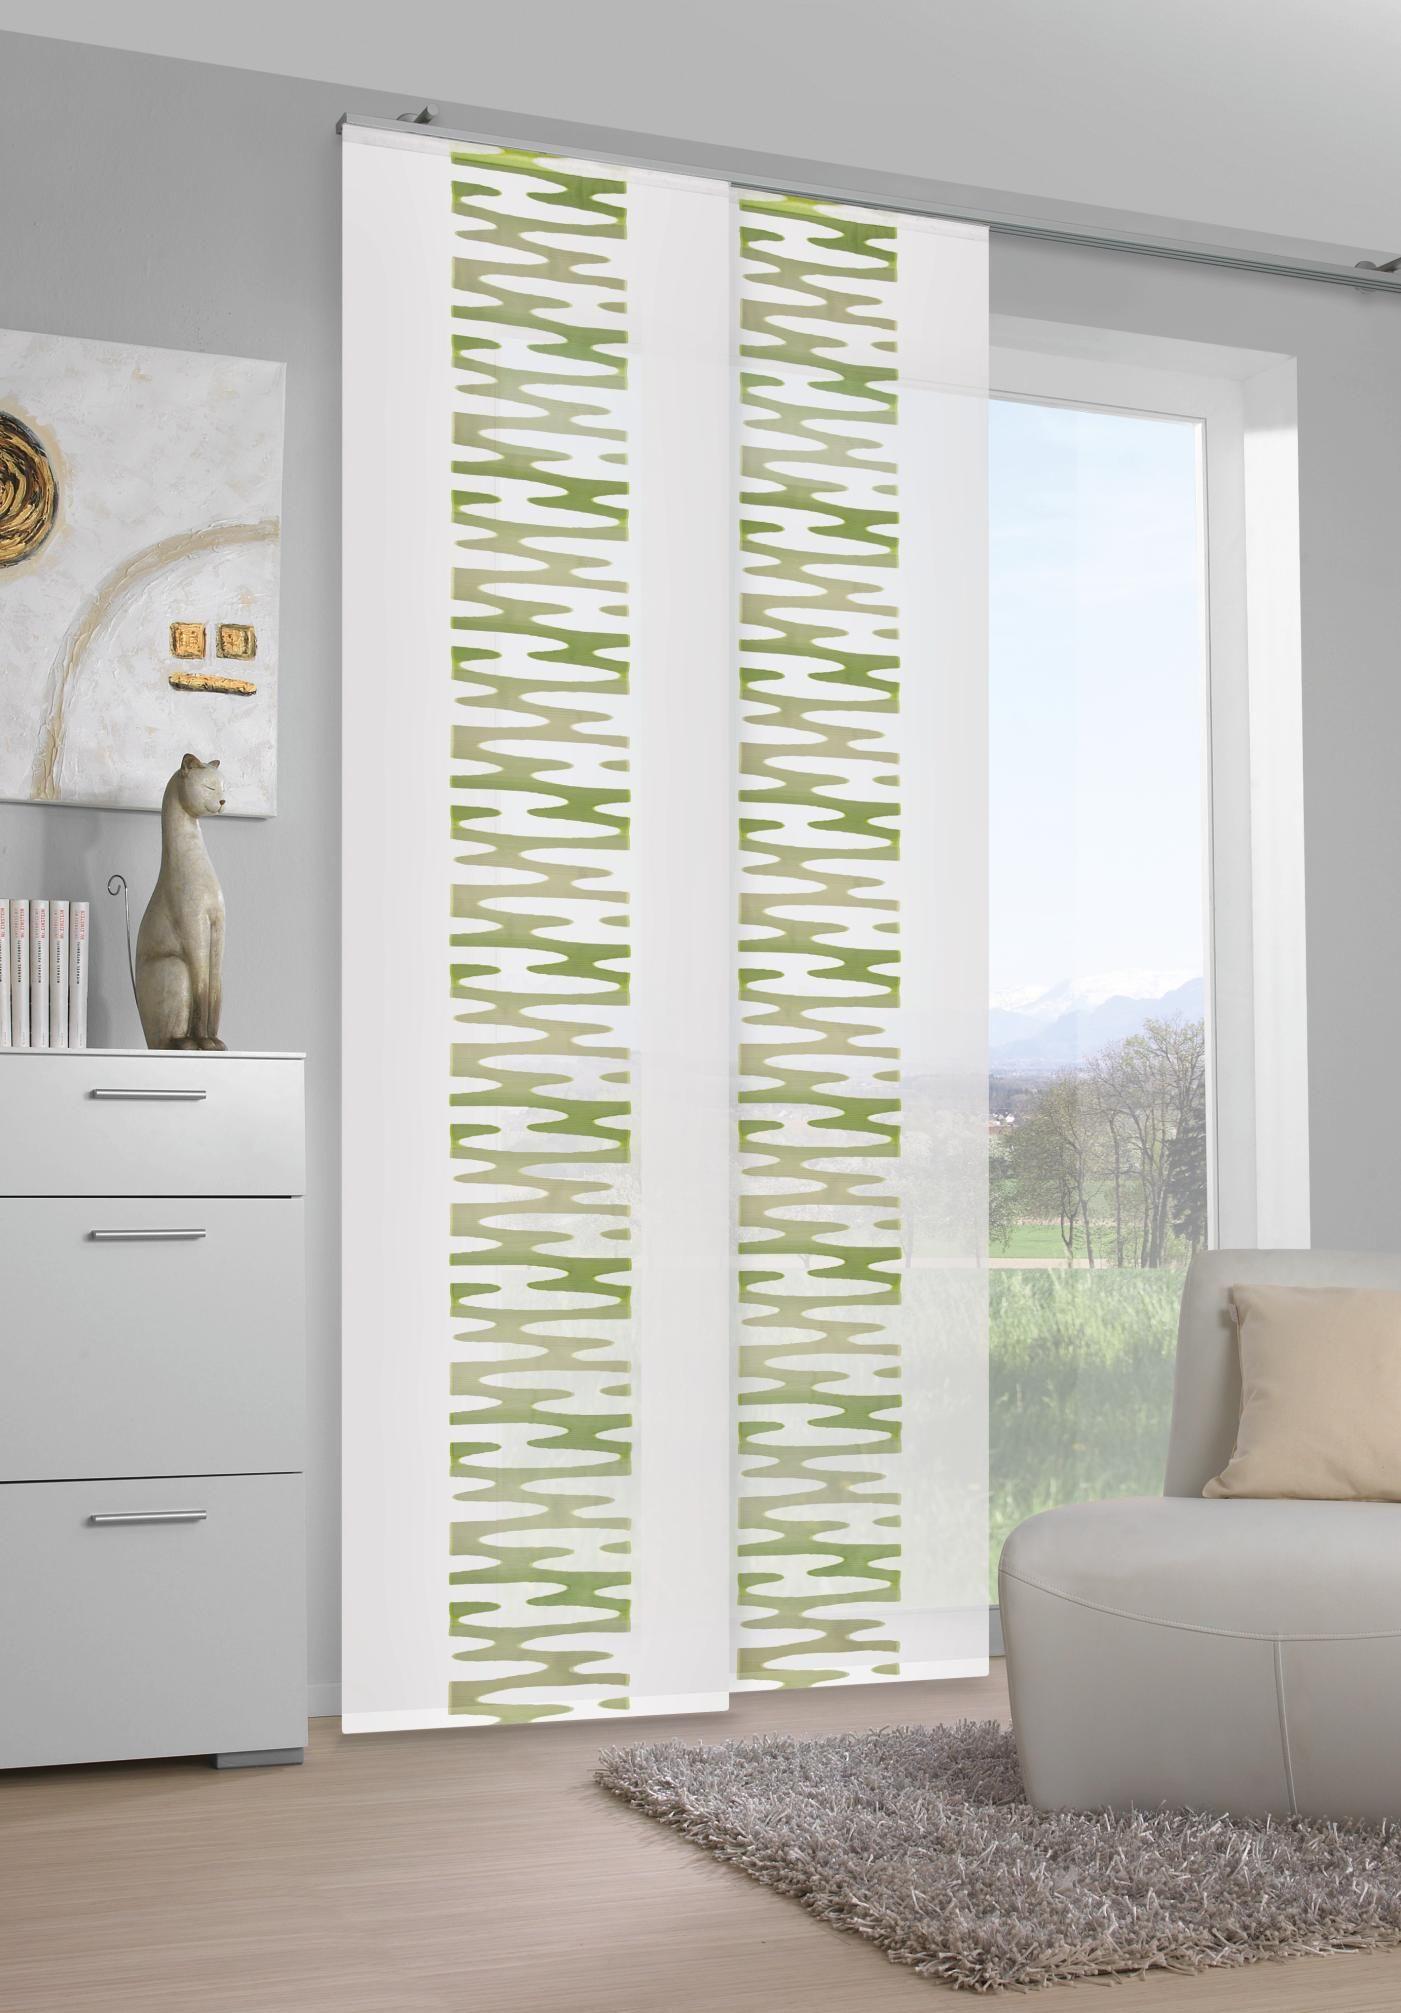 Blickdichter Vorhang mit grünem Muster von VENDA | Vorhänge | Pinterest